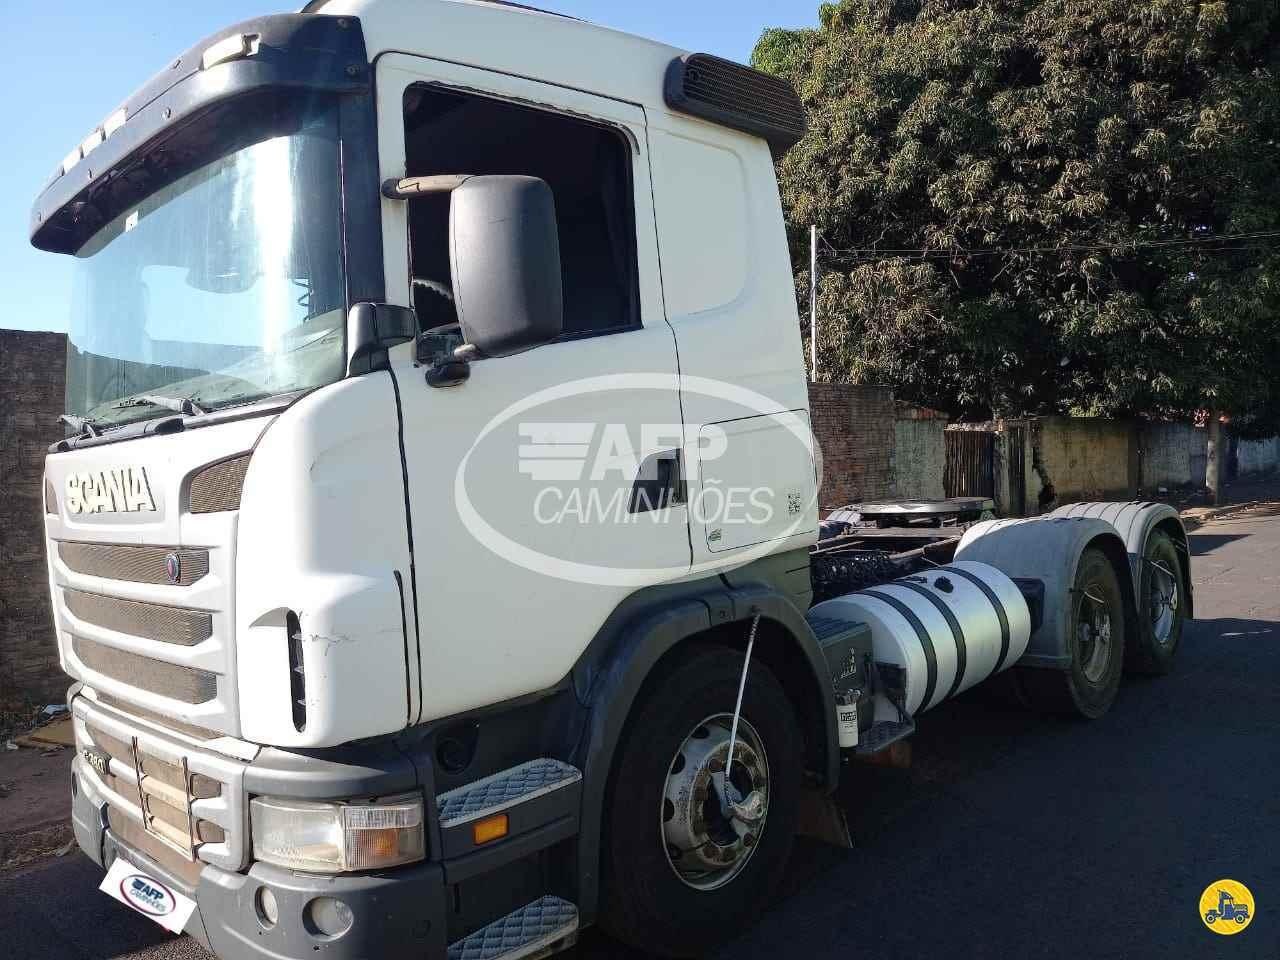 CAMINHAO SCANIA SCANIA 380 Cavalo Mecânico Truck 6x2 AFP Caminhões UBERLANDIA MINAS GERAIS MG